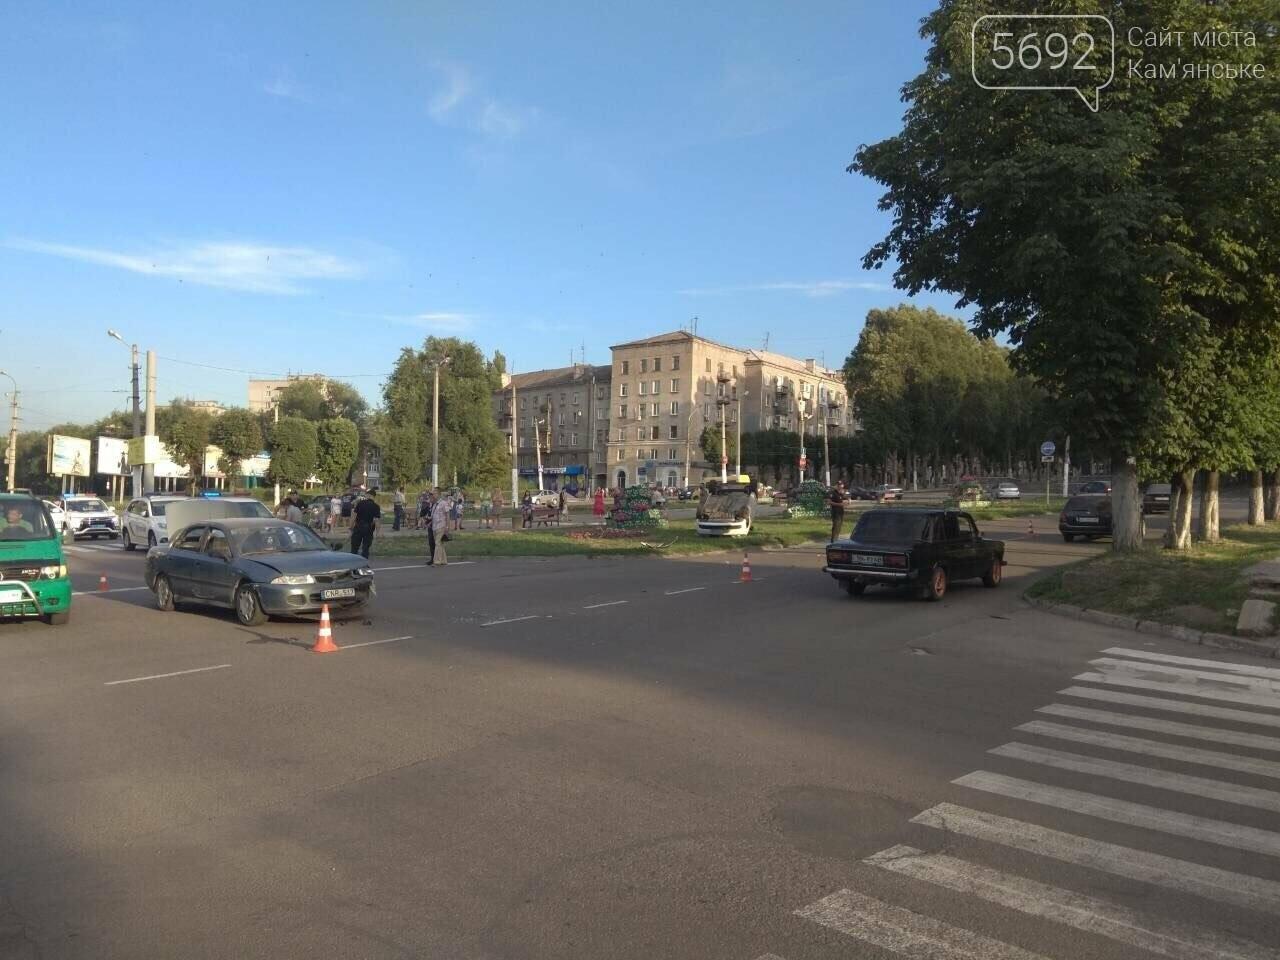 """ДТП на """"Дружбе"""" в Каменском: """"Митсубиси"""" на еврономерах не пропустил """"Рено"""", трое пострадавших, фото-10"""